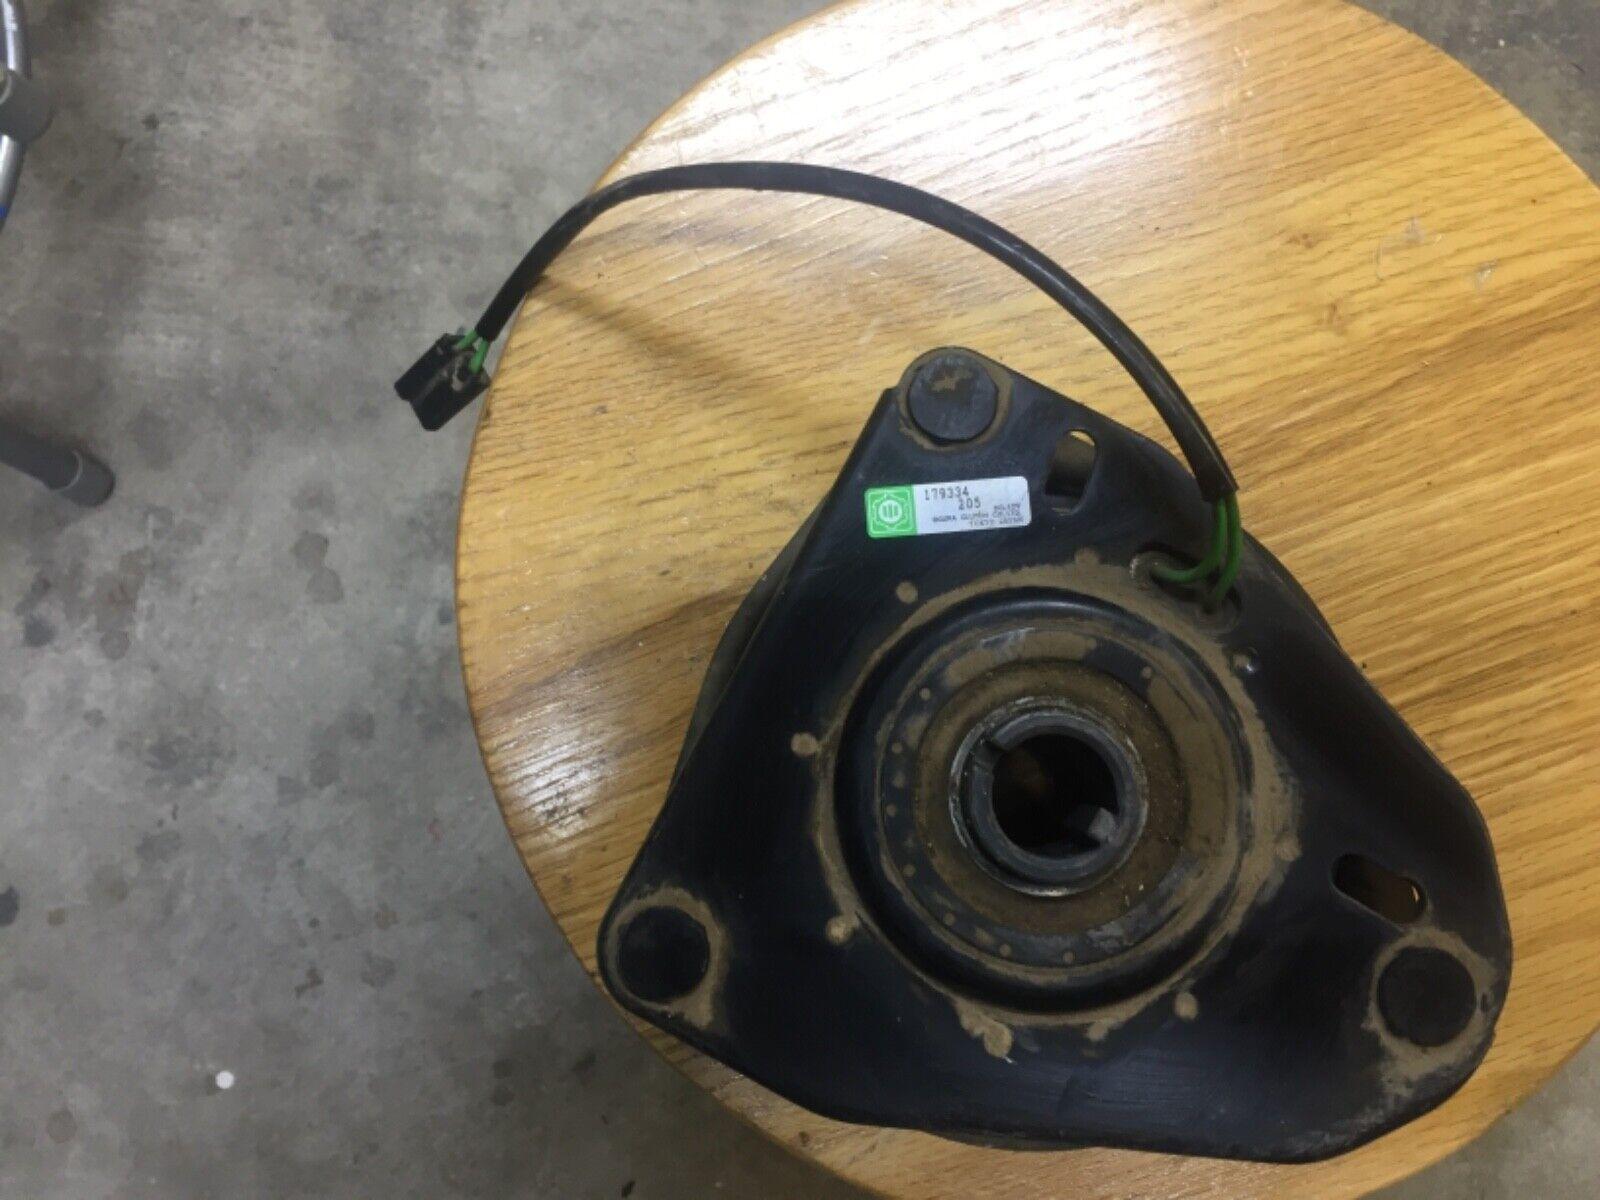 ELECTRIC PTO CLUTCH fits Husqvarna YTKH1542 XPA XPB XPC Riding Lawn Mower Rider